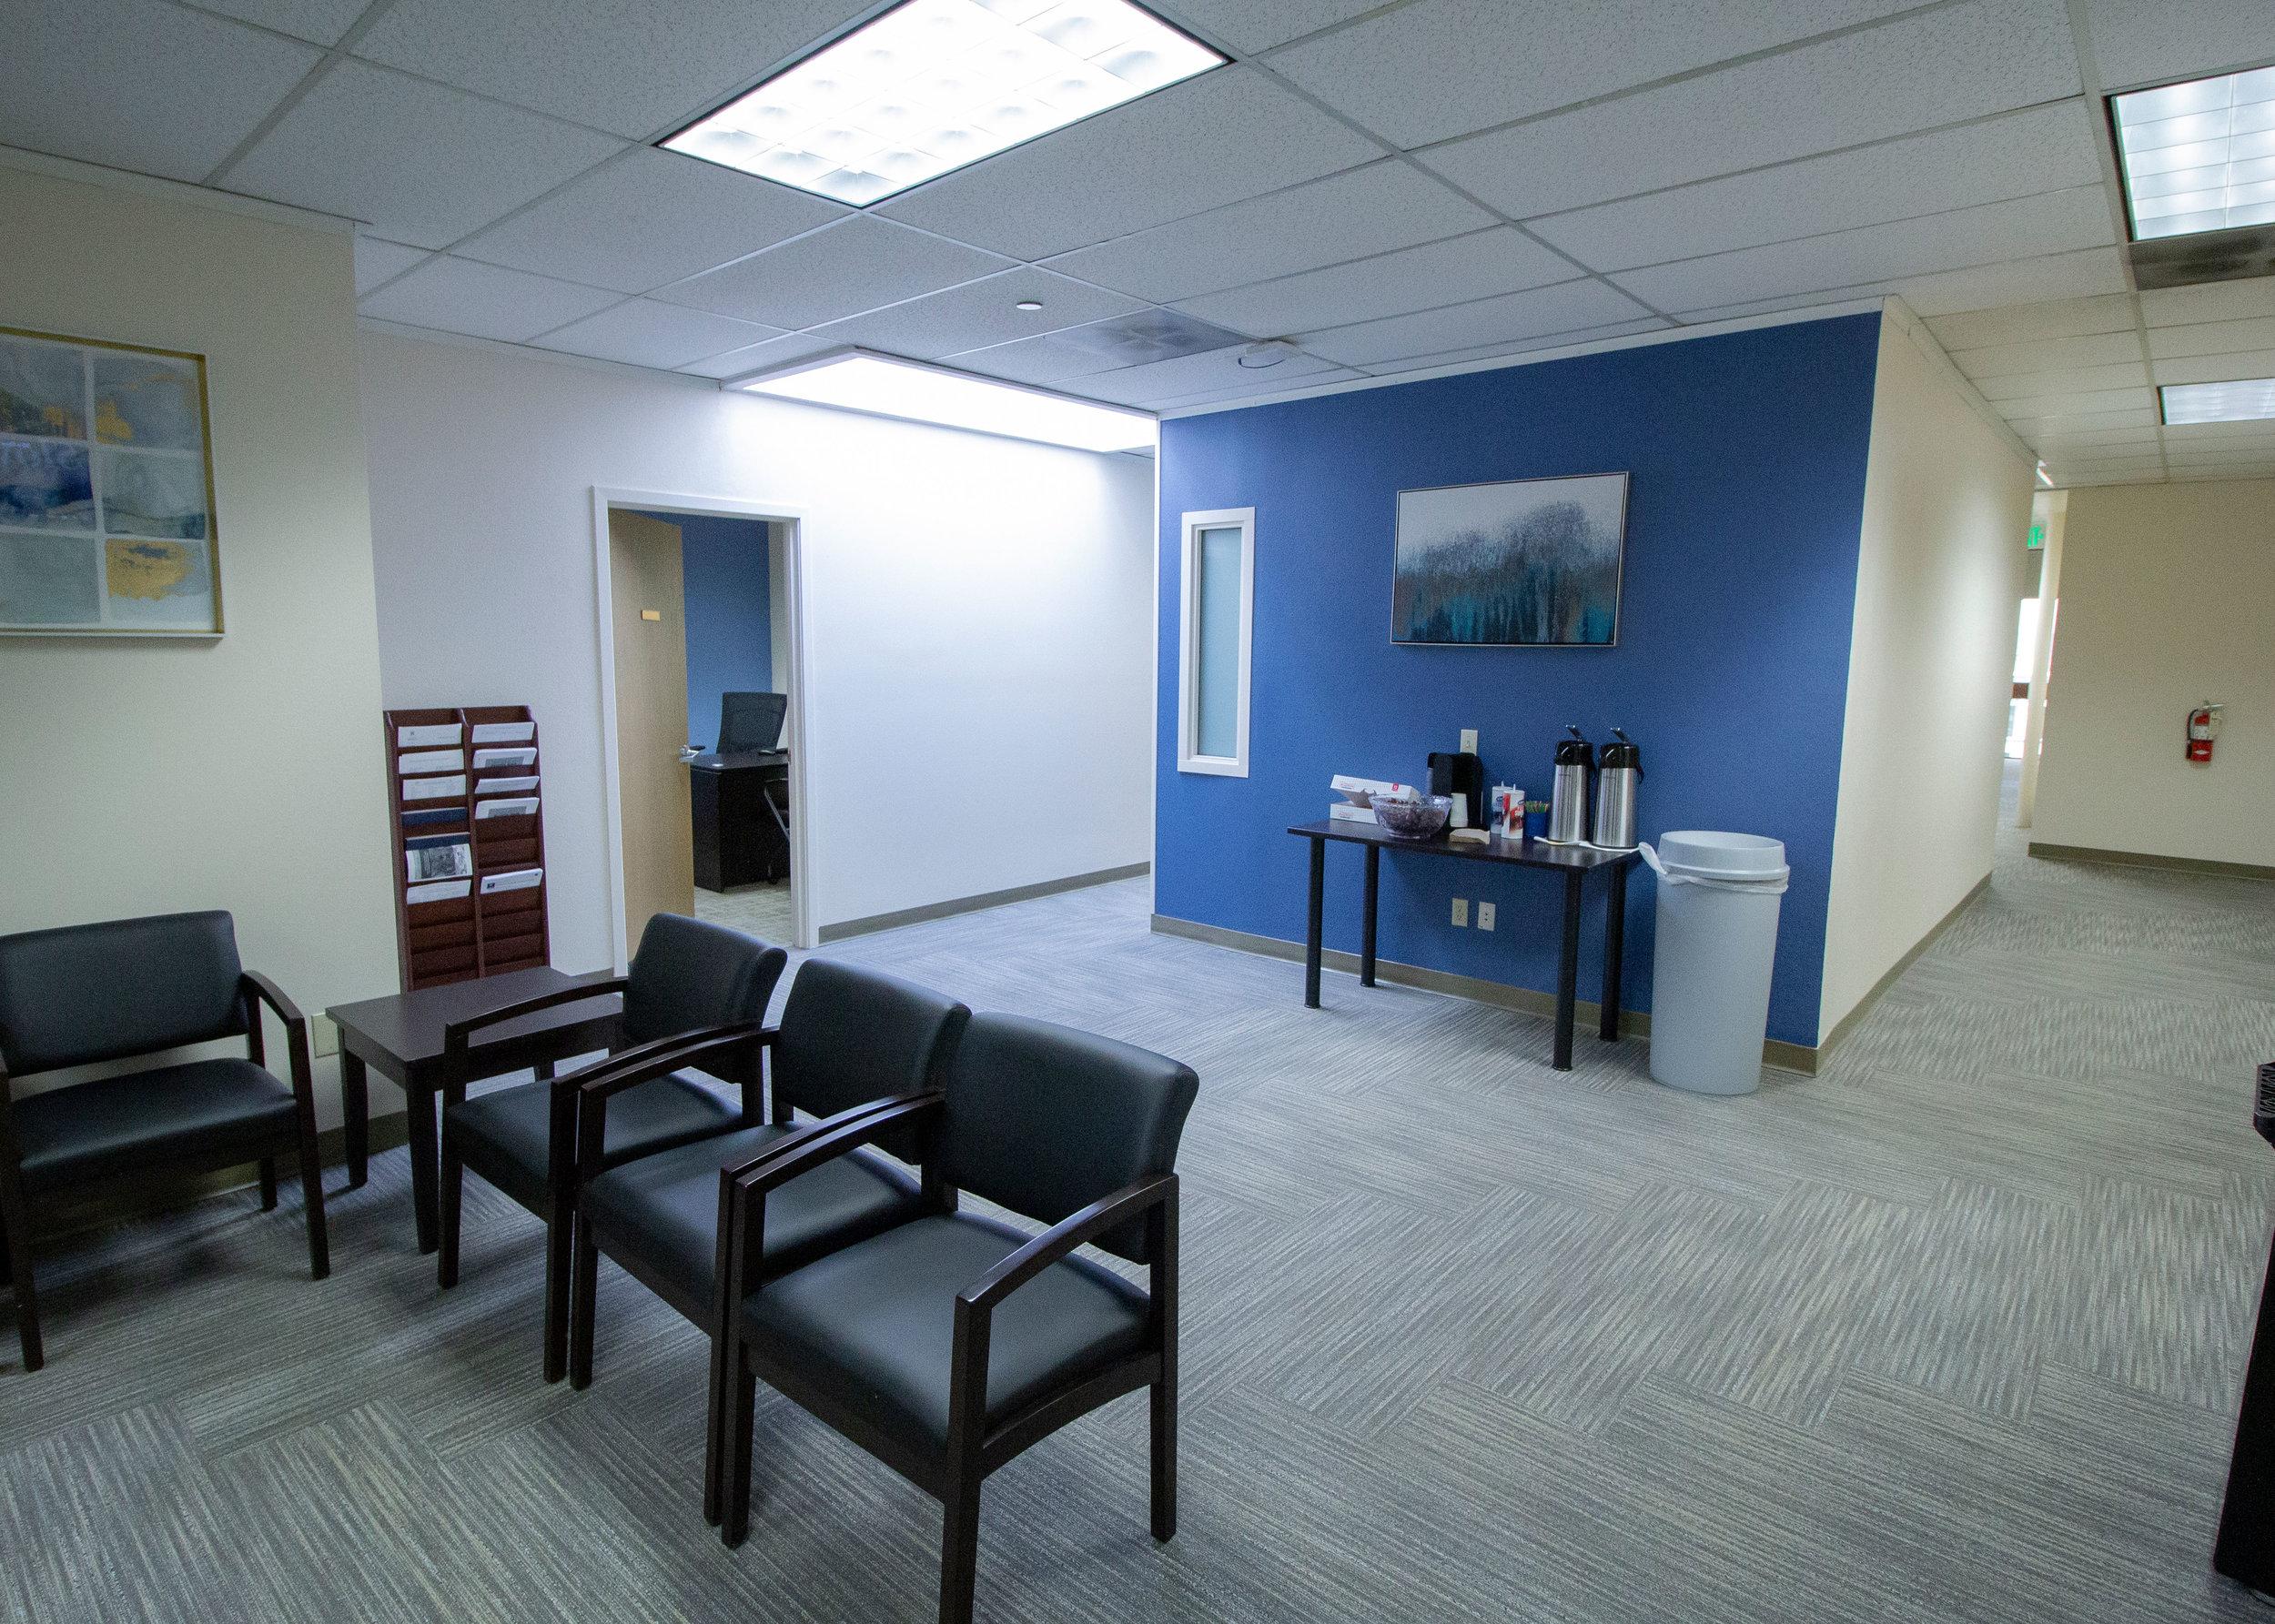 020719-Fawcett-Clinic-12.jpg